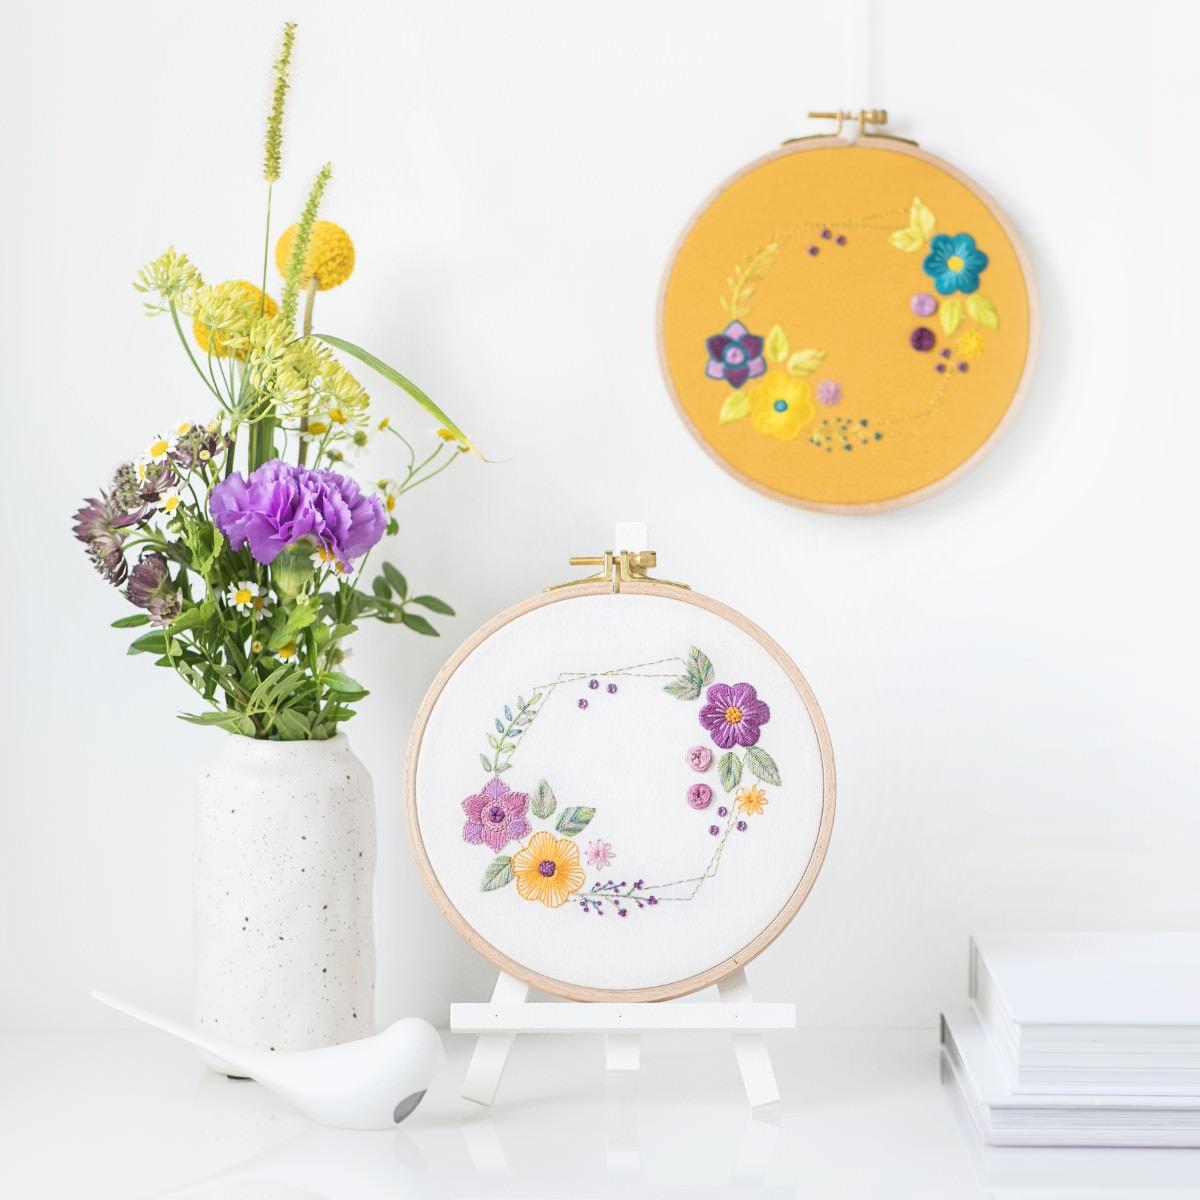 Sticken lernen: Kurs Blumen sticken